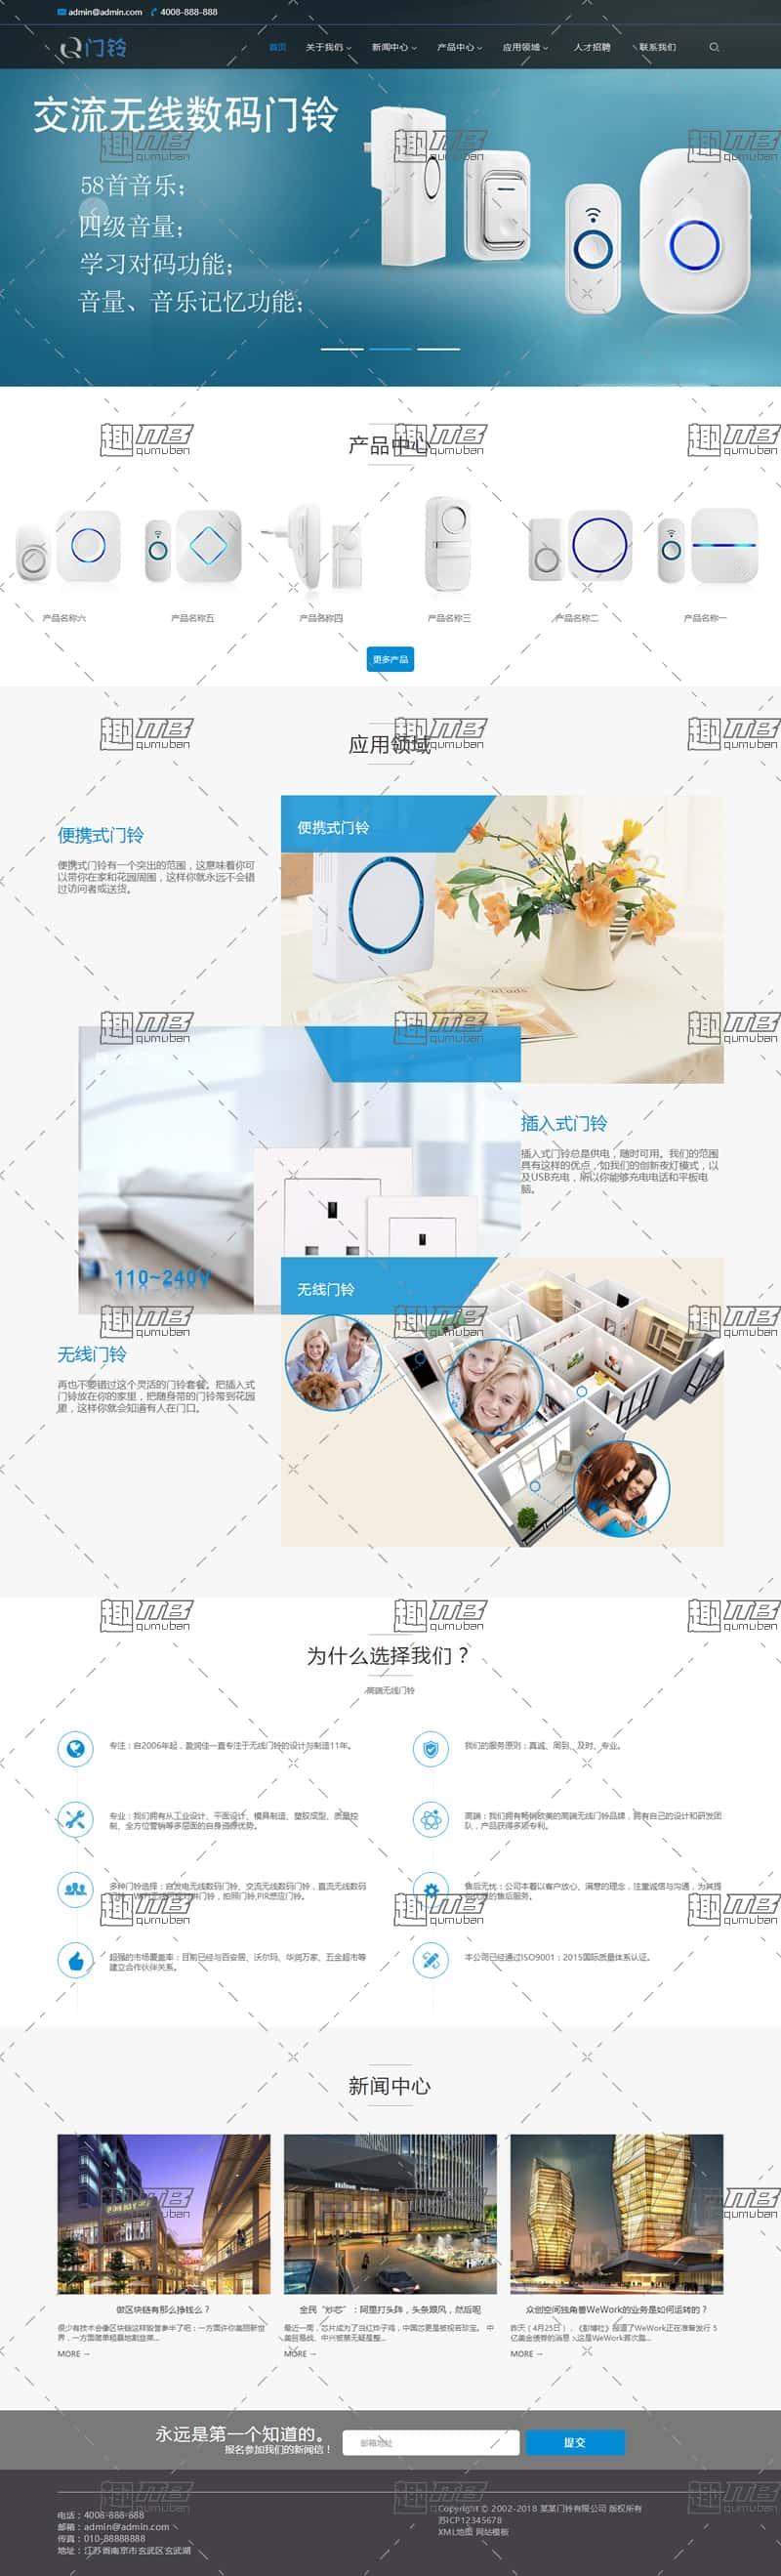 无线数码门铃类网站源码 (带手机版数据同步)智能产品电子门铃网站织梦模板